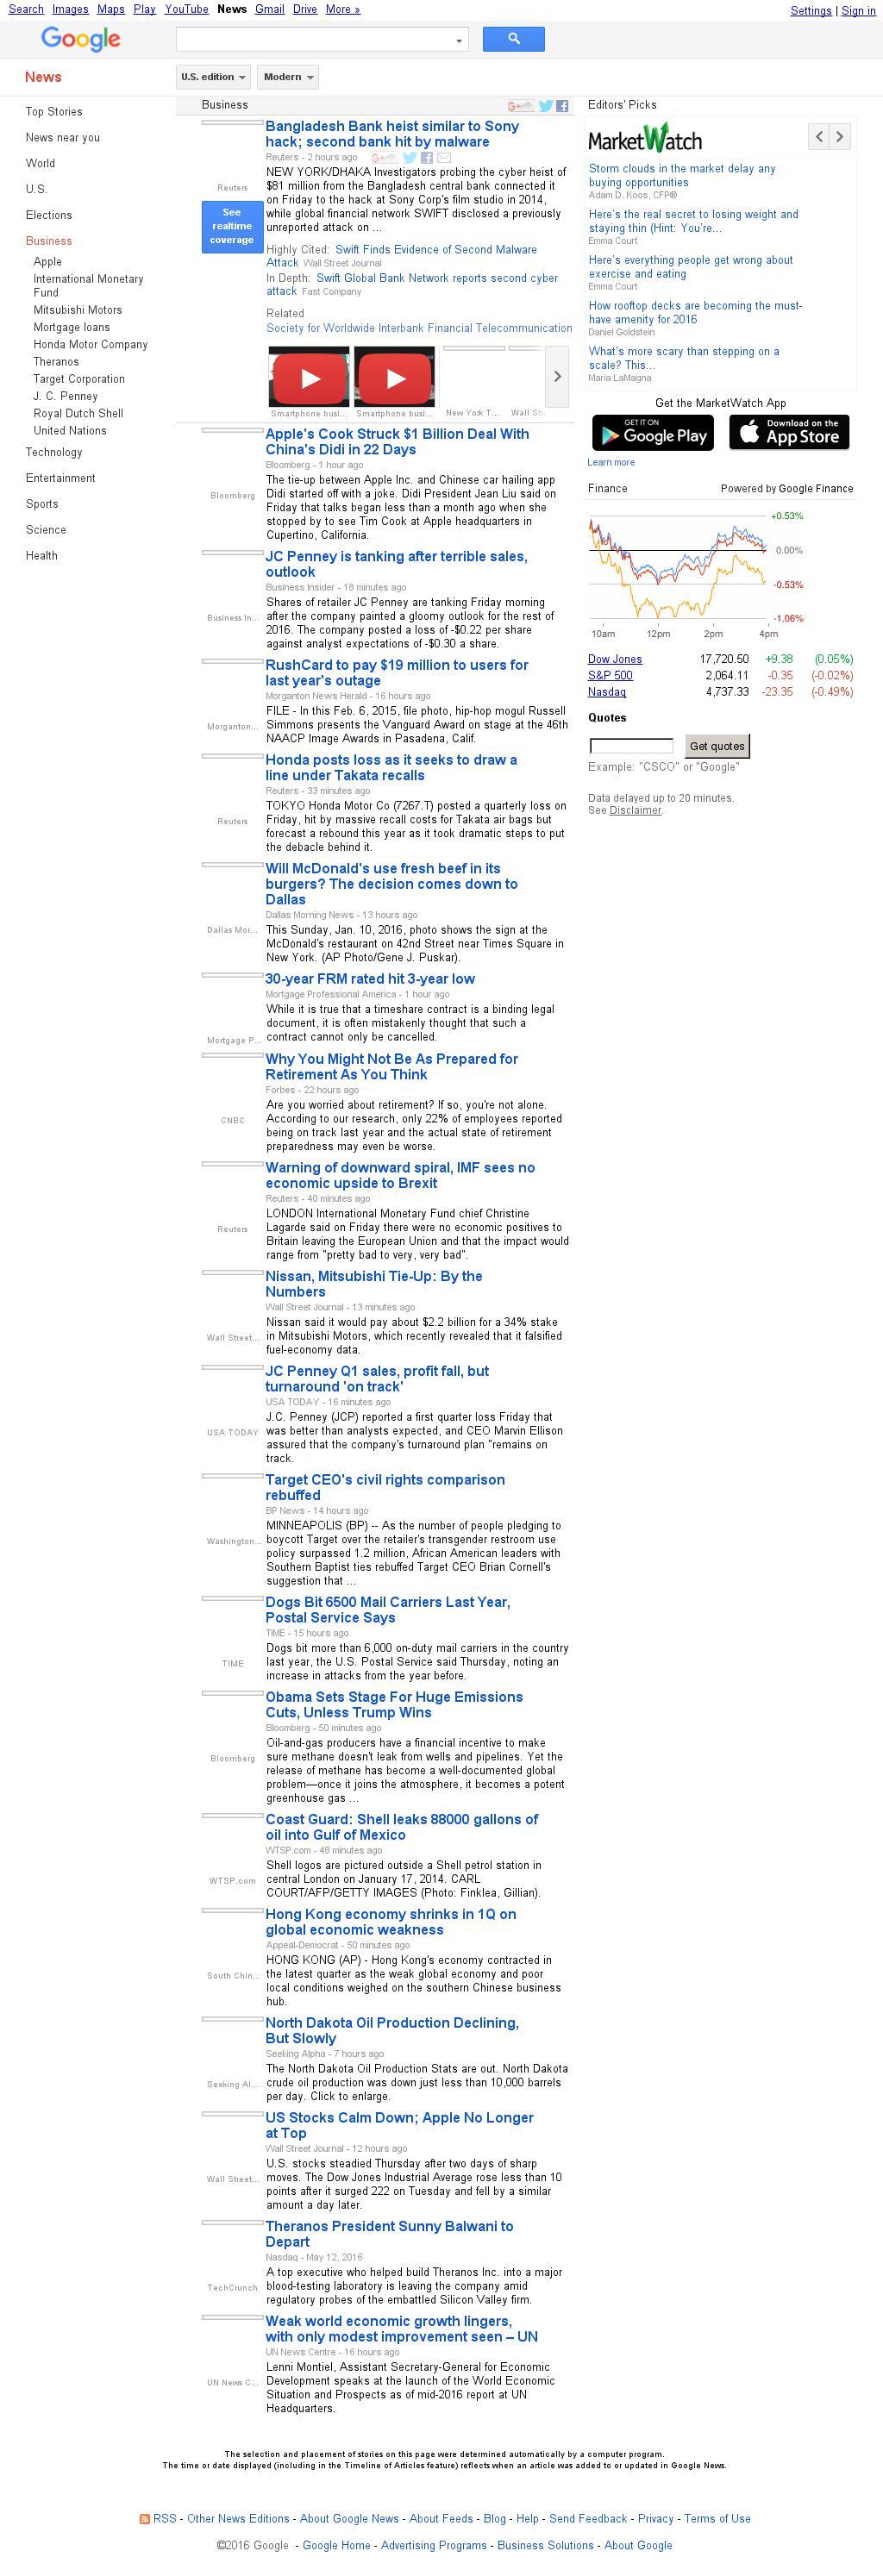 Google News: Business at Friday May 13, 2016, 12:07 p.m. UTC